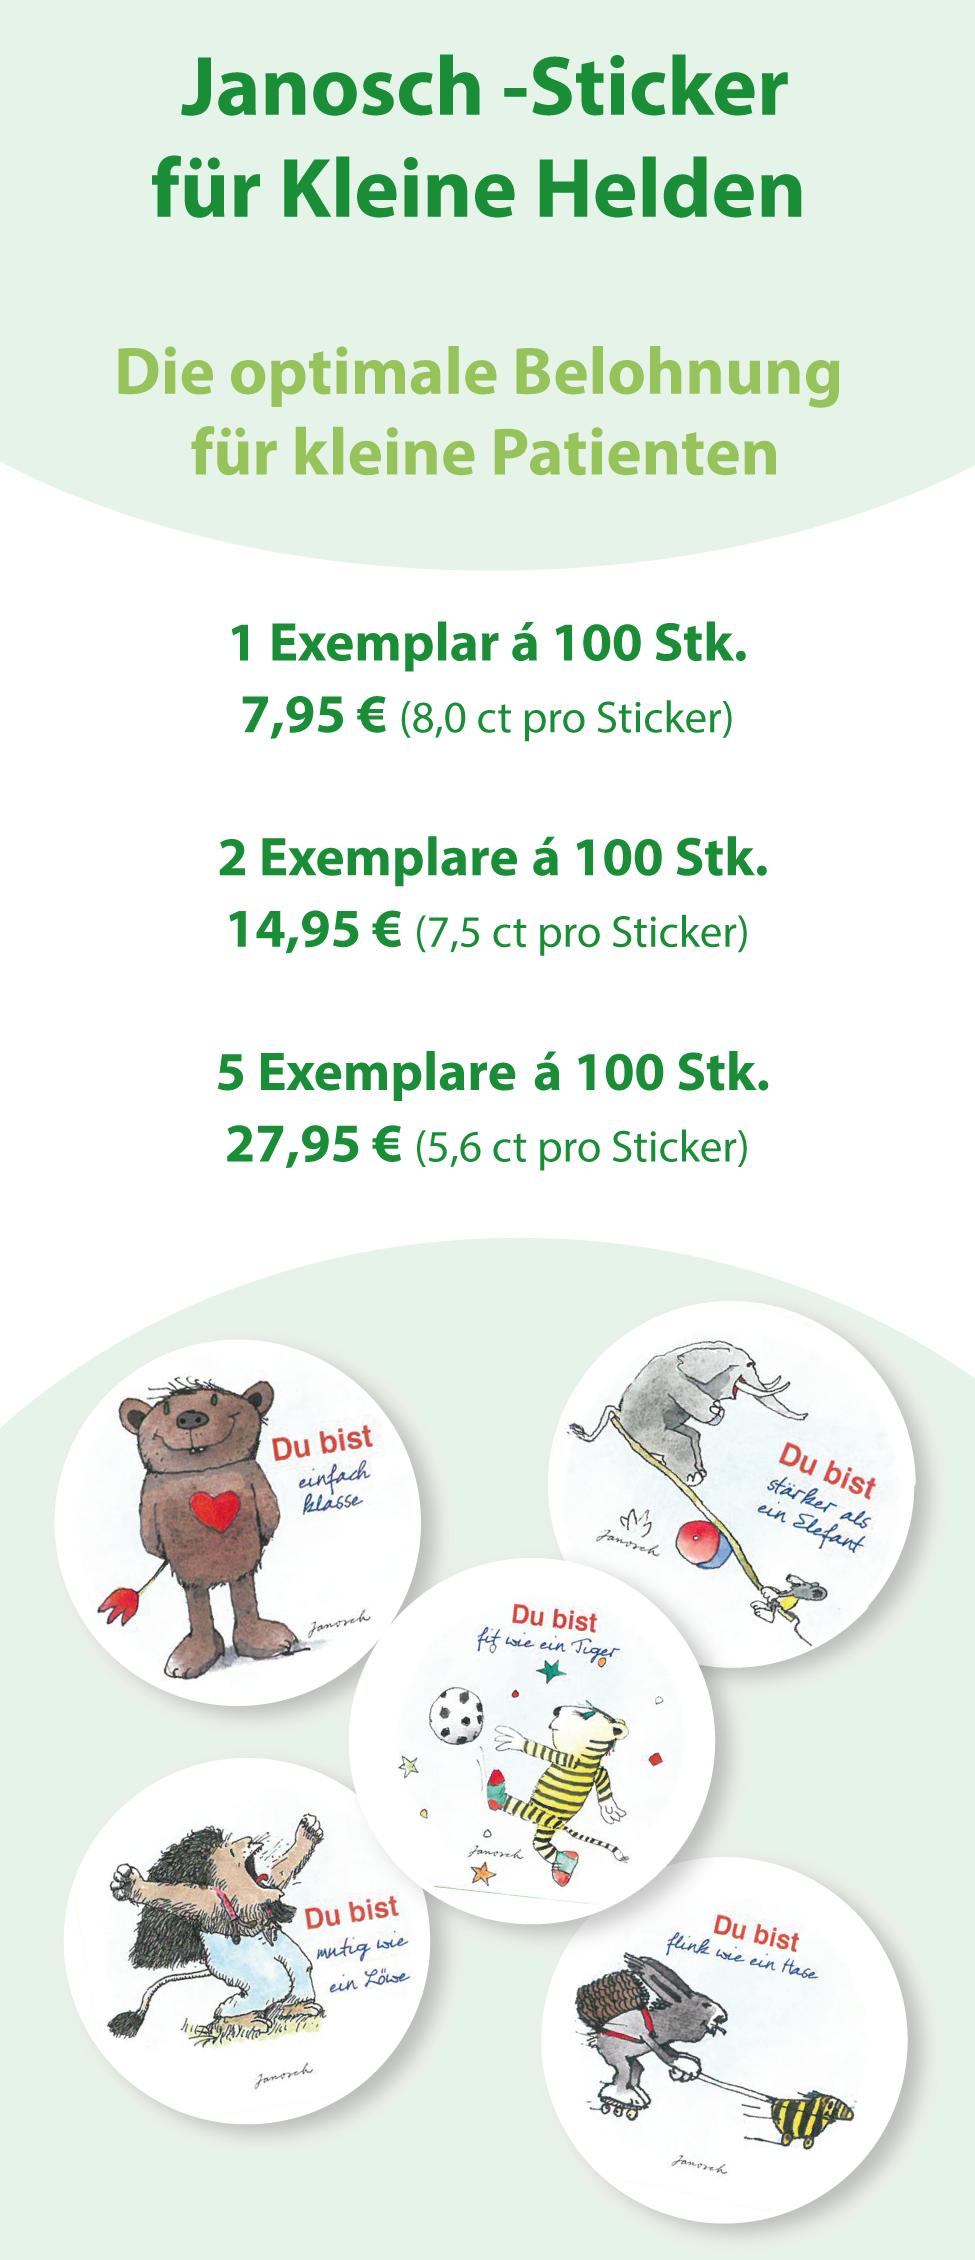 Janosch - Sticker für kleine Helden